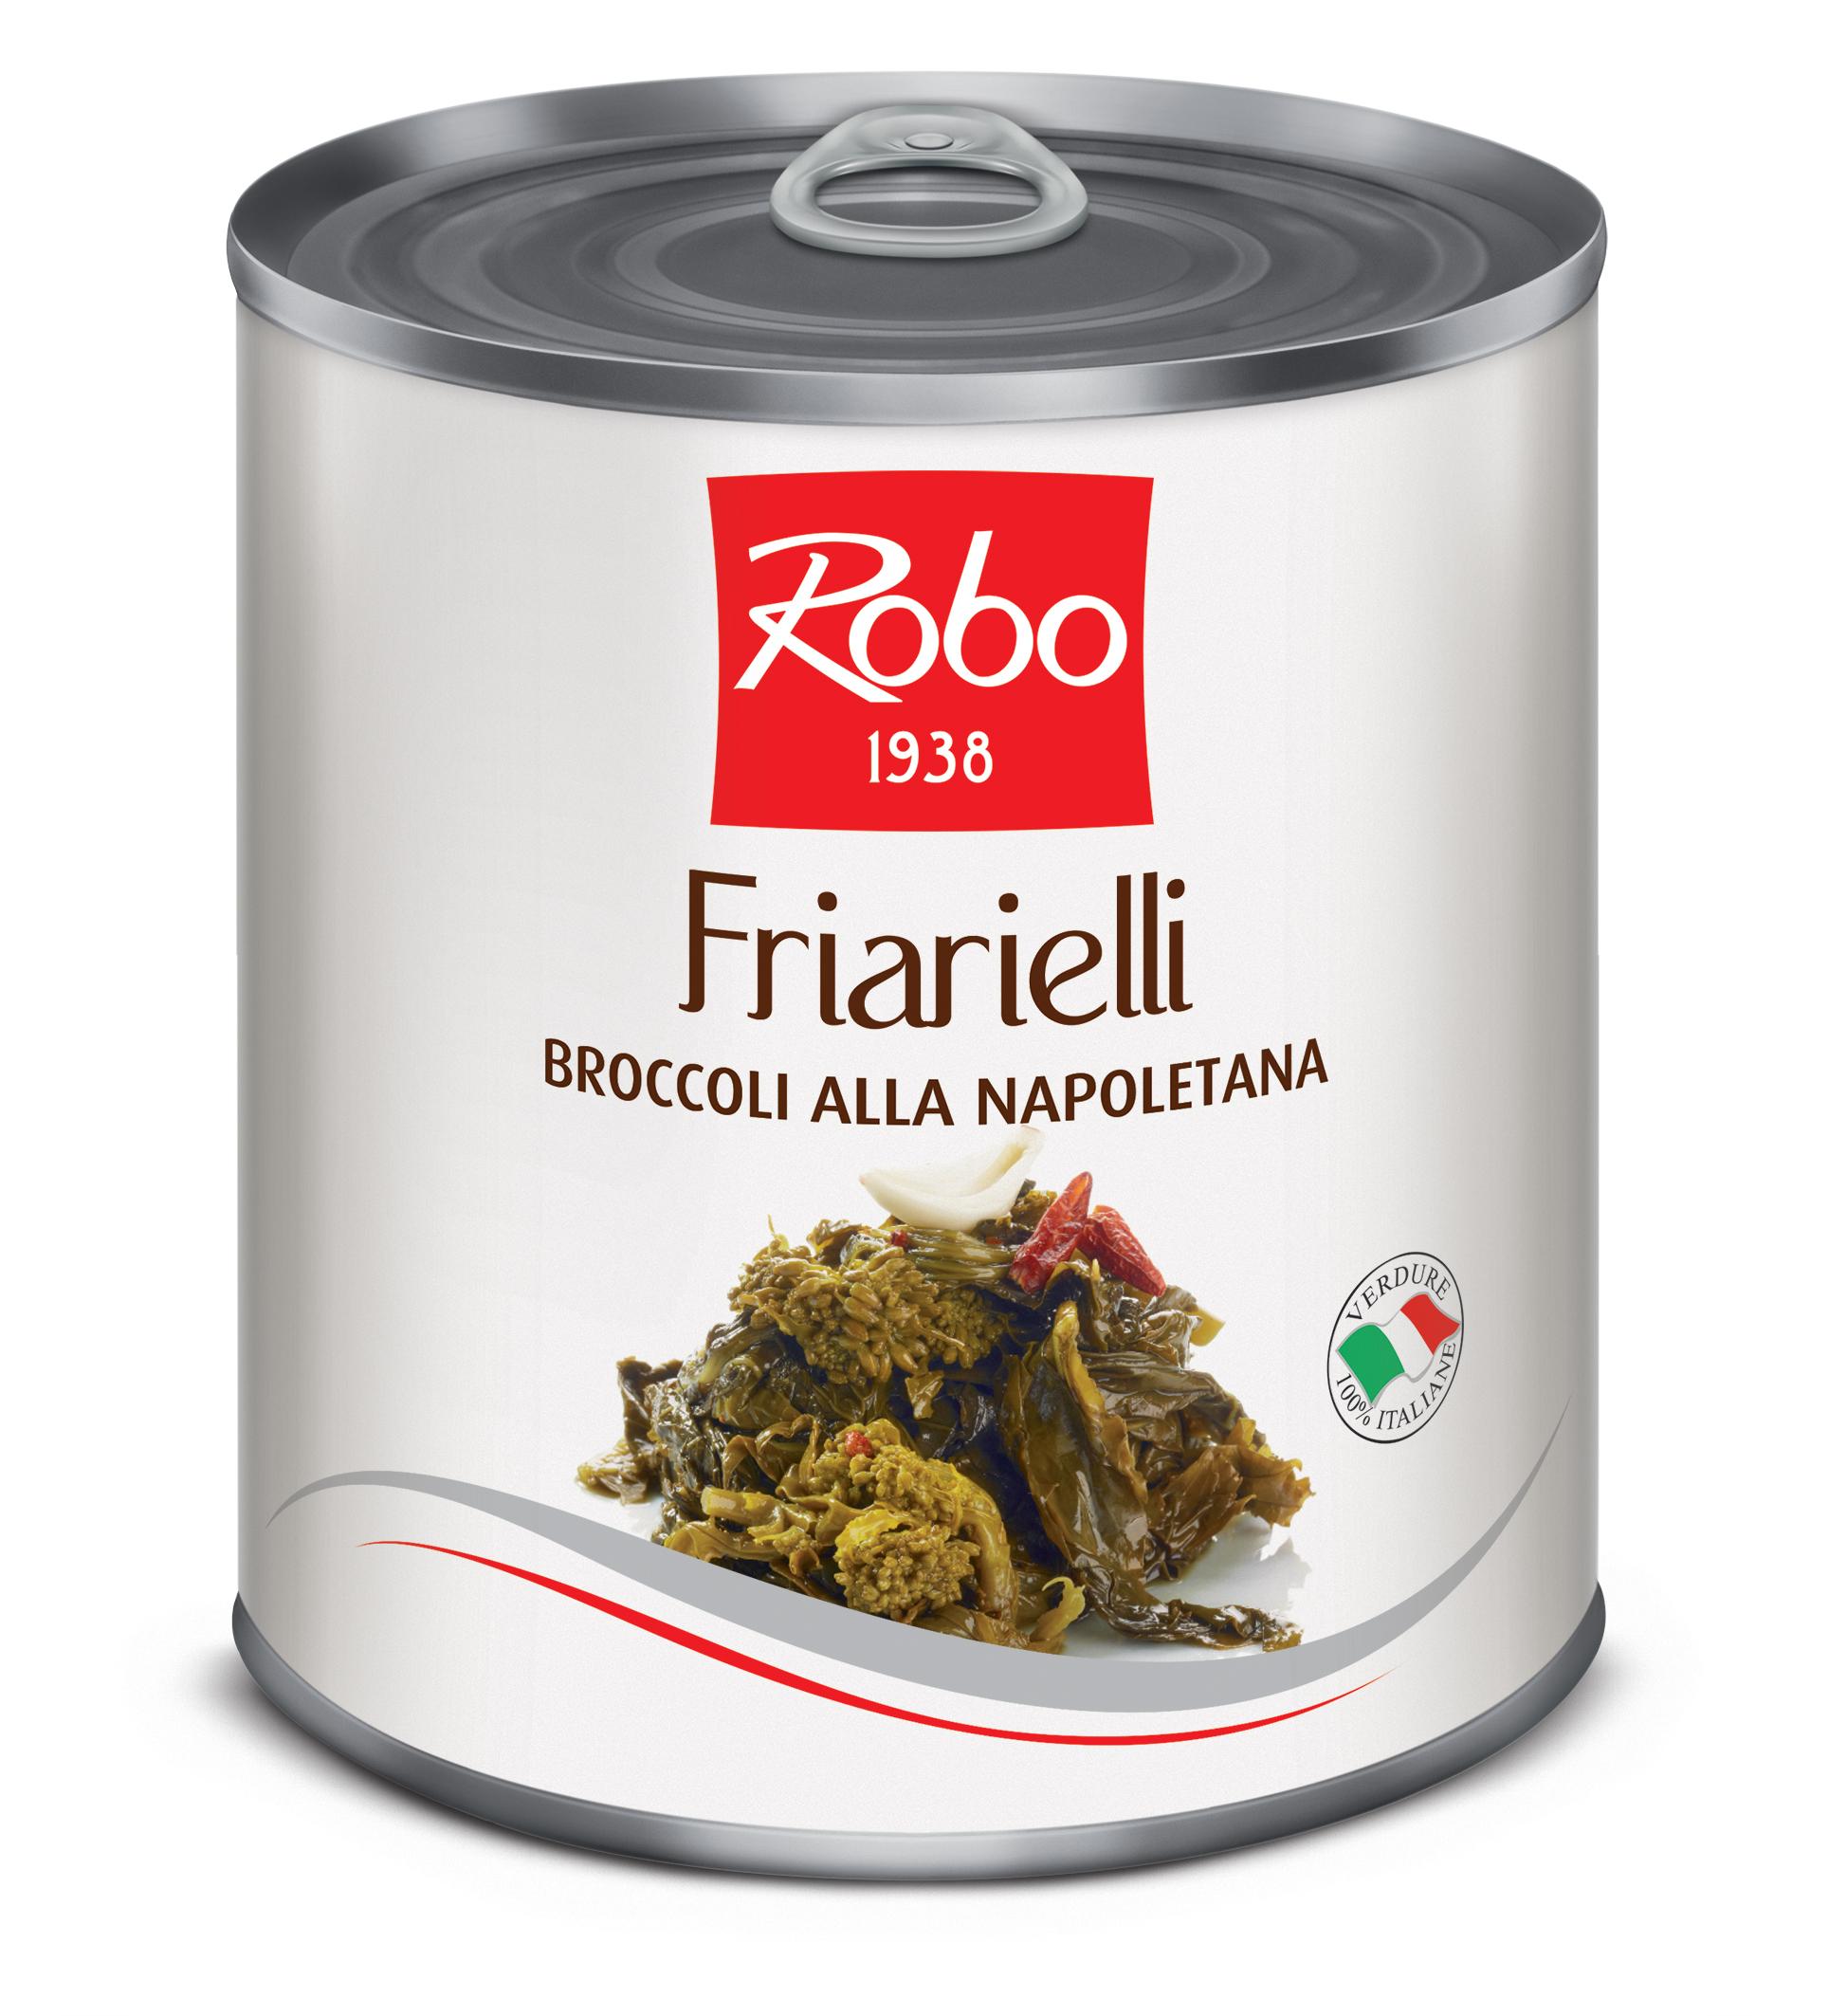 Muguri de broccoli in ulei de floarea soarelui Robo 750g net